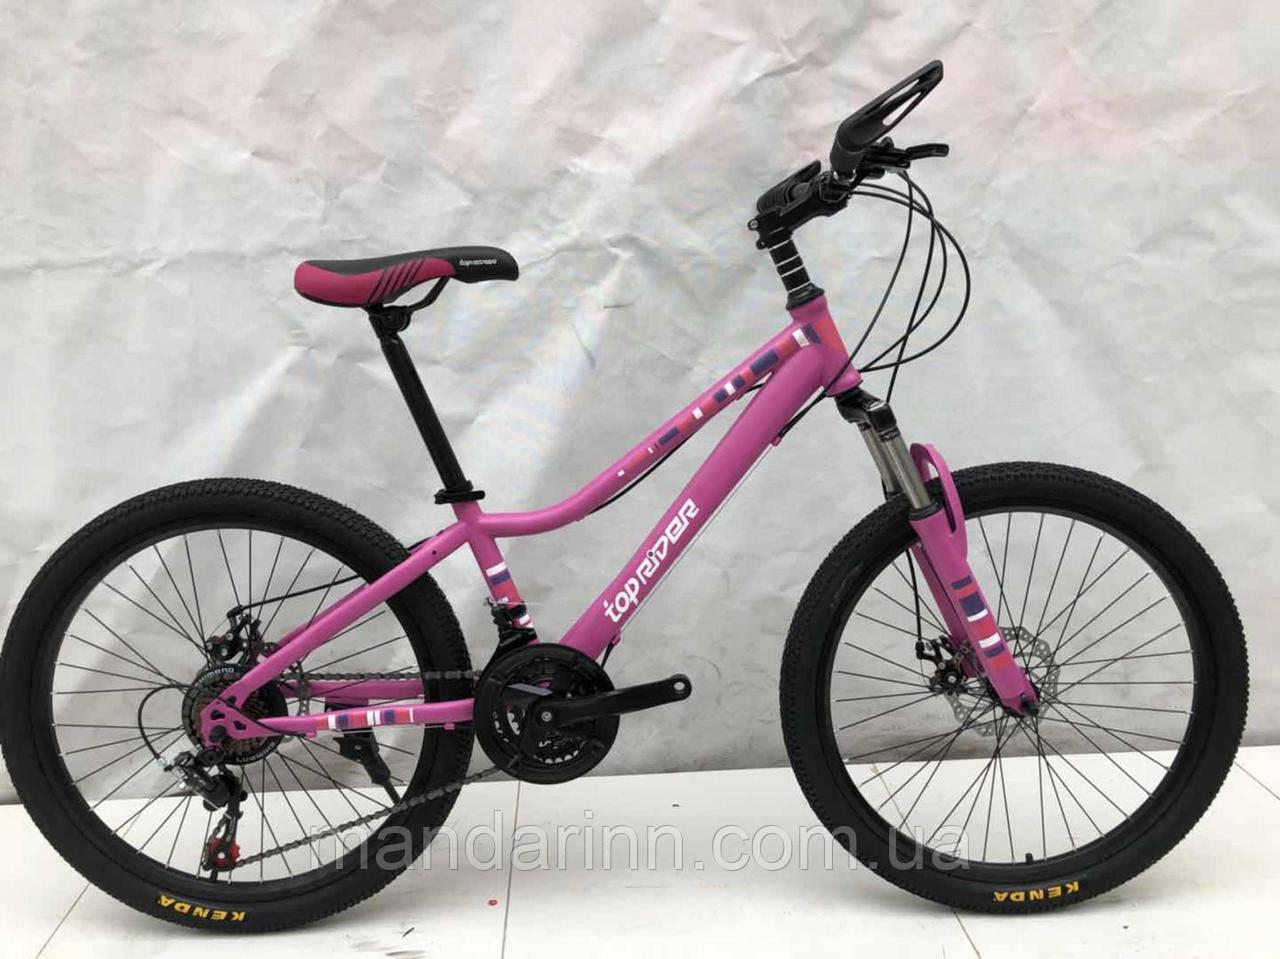 Спортивный велосипед TopRider-900 24 дюймов. Малиновый.